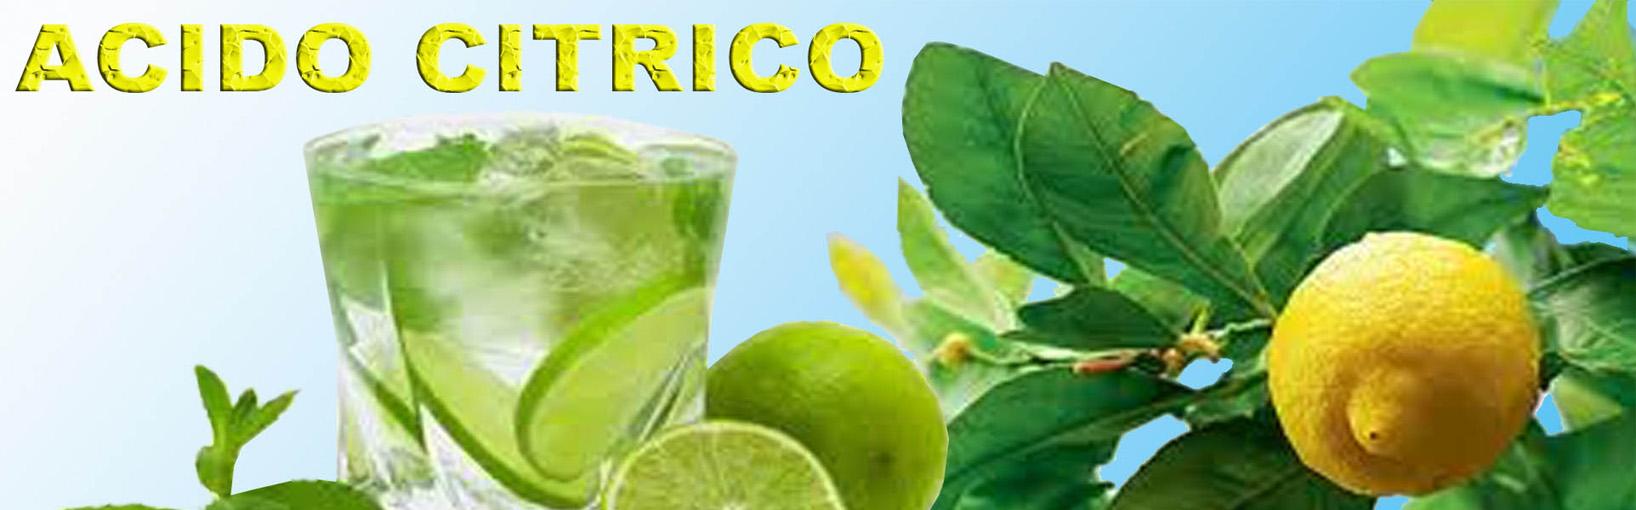 Acido citrico Realçador de sabor Realce no Sabor